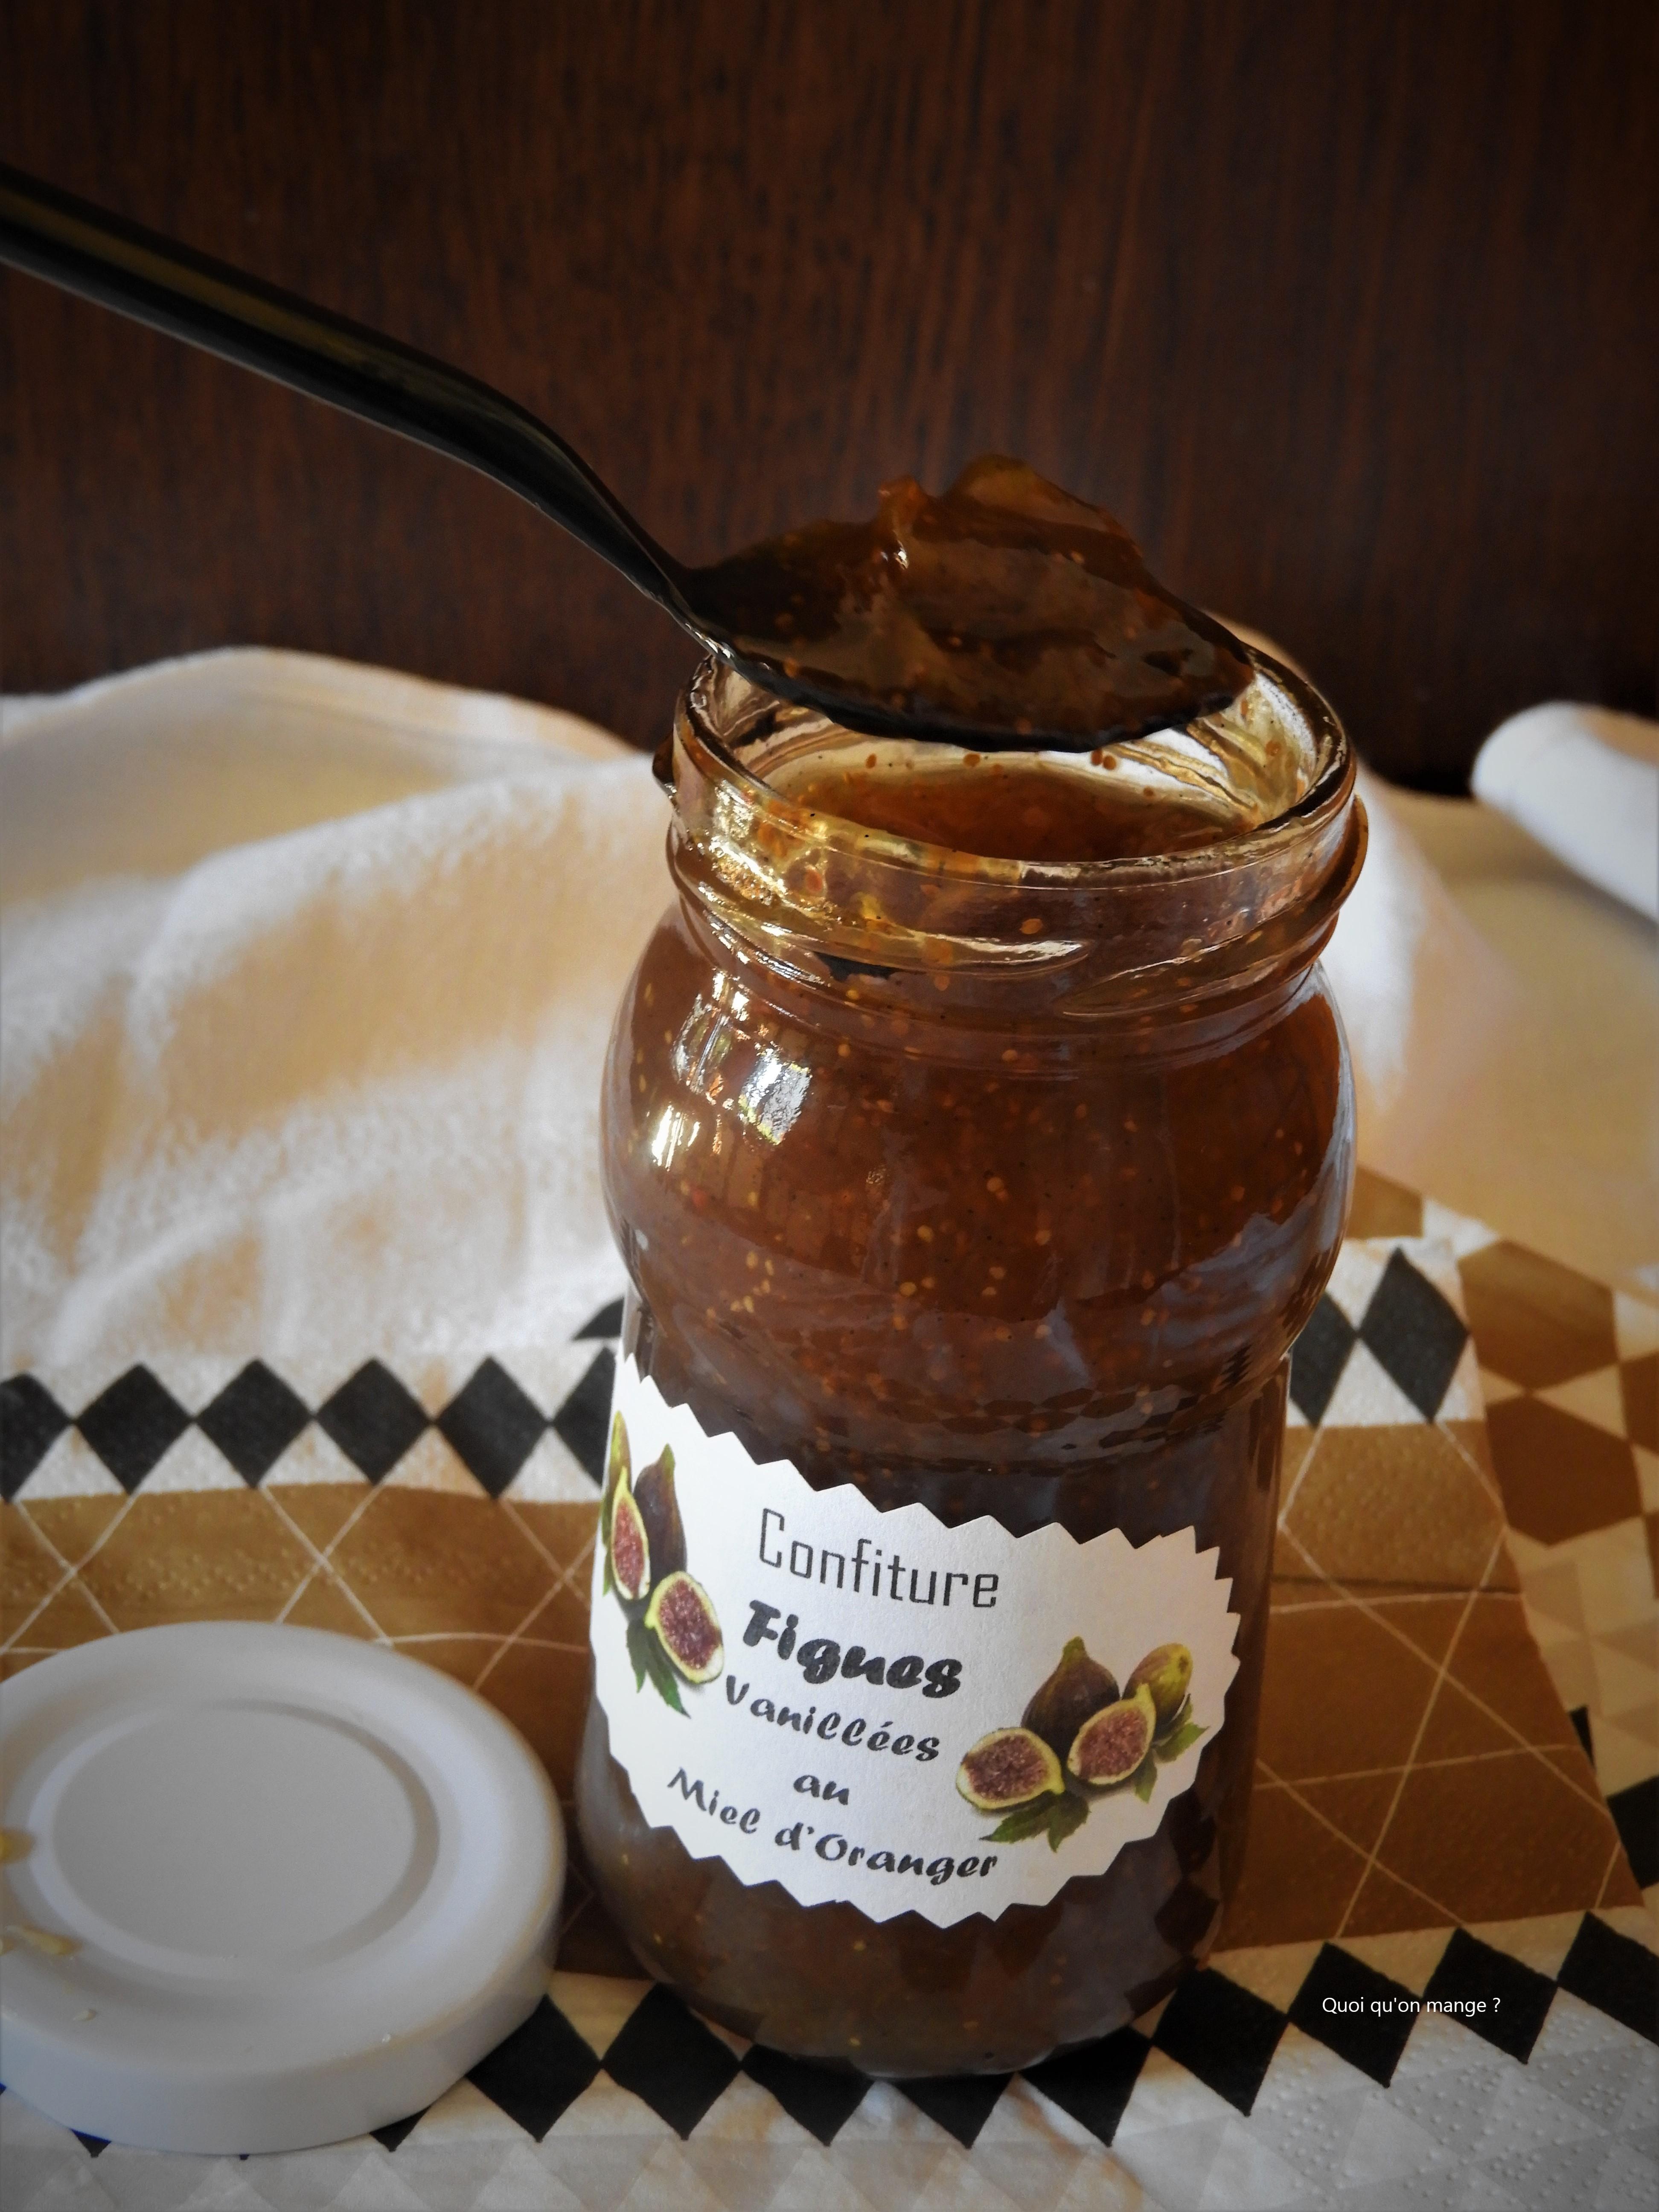 Confiture de figues vanillées au miel d'oranger